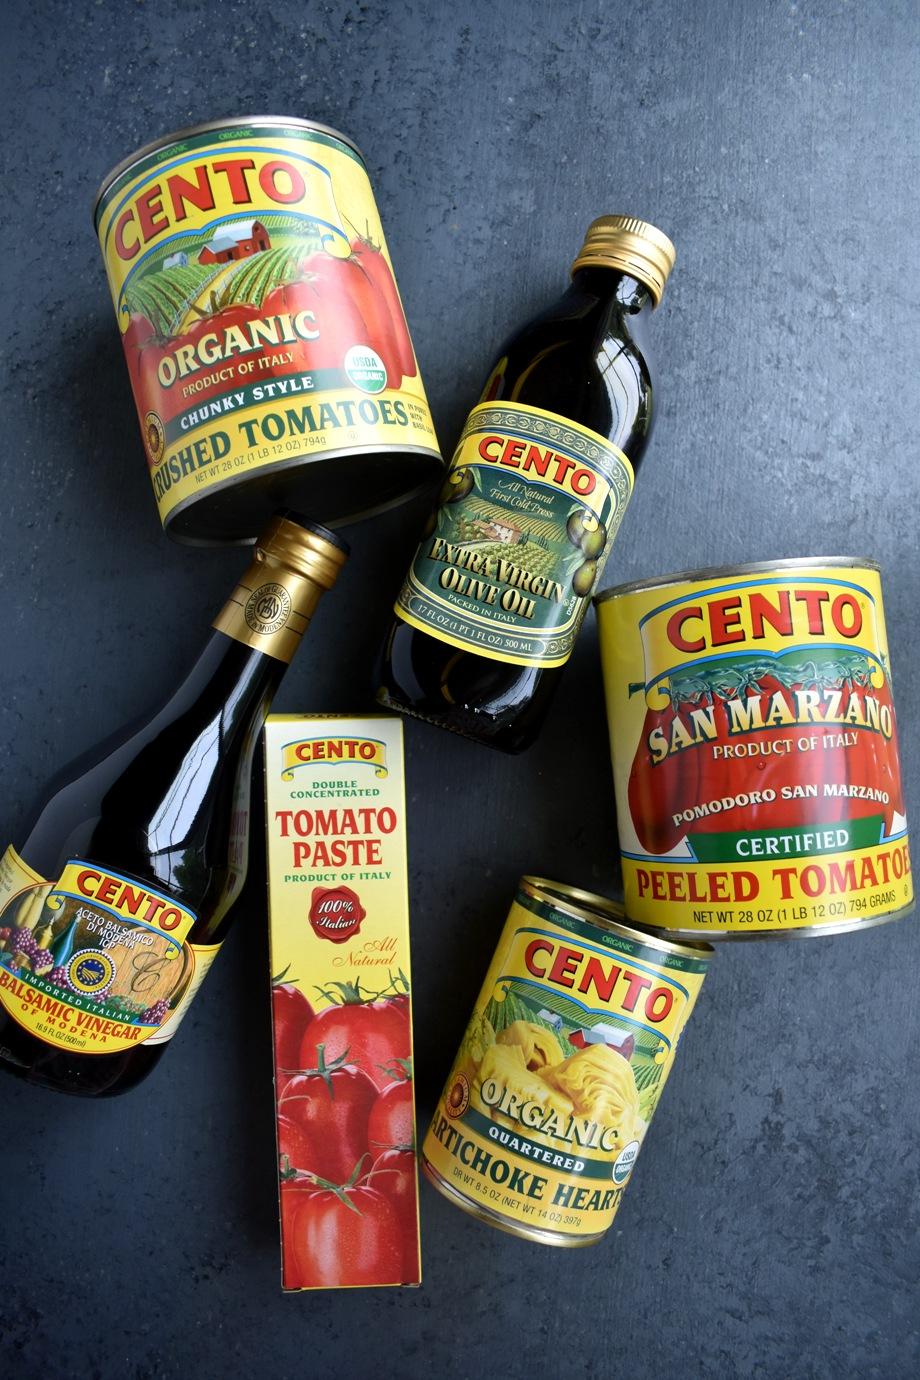 Cento tomatoes, oil, balsamic vinegar